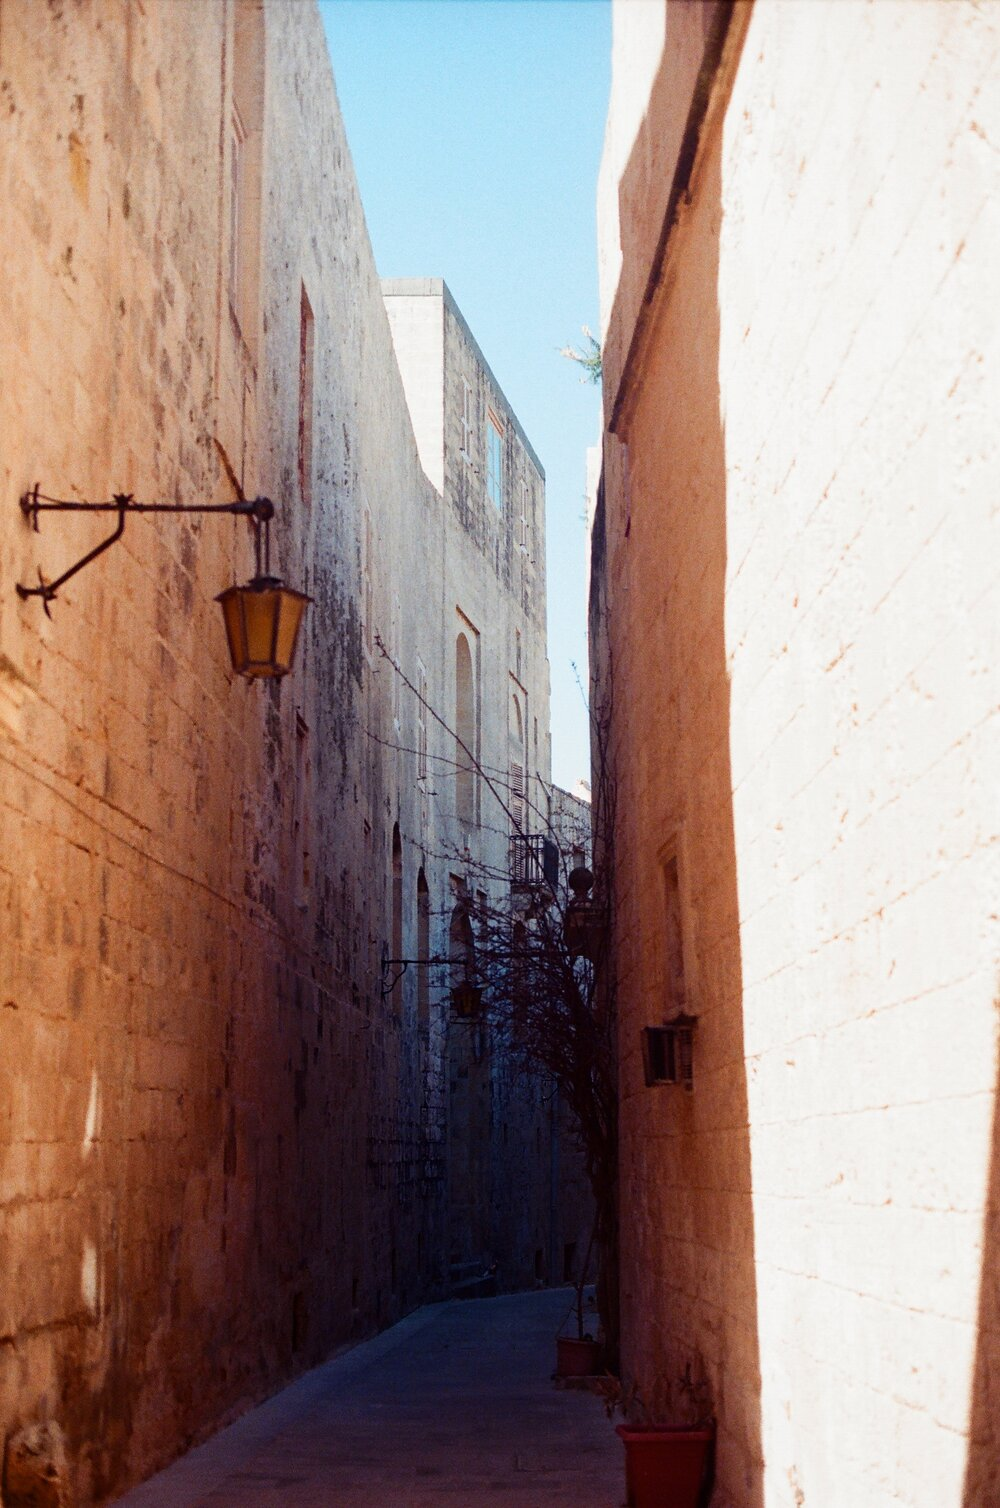 Maltese Alleyway